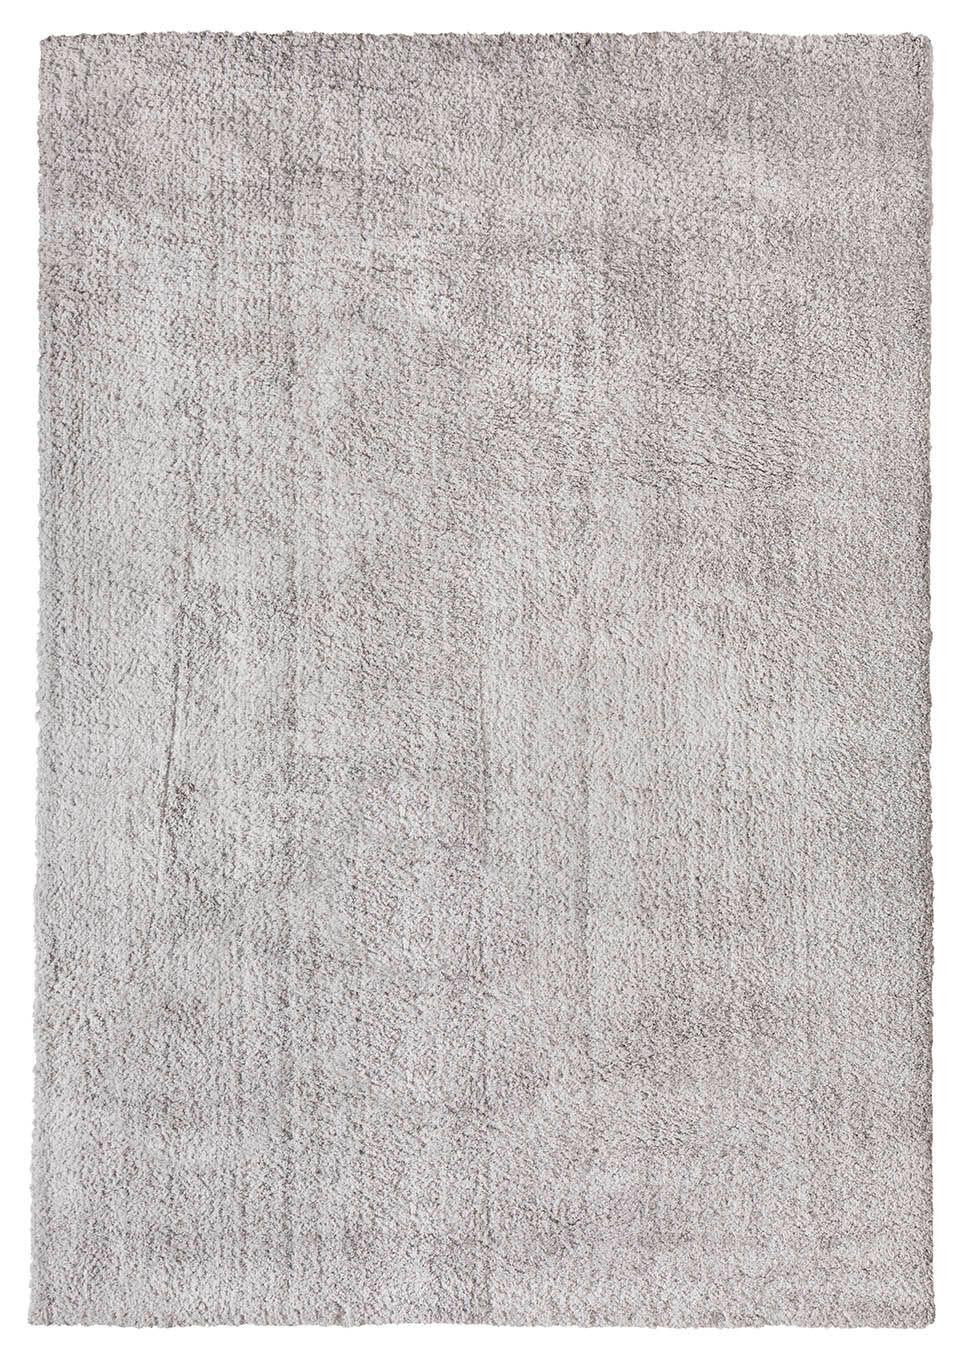 Komfort - wyprzedaż do -70% m.in. dywanów, np Shaggy 160x230 za 159 zł